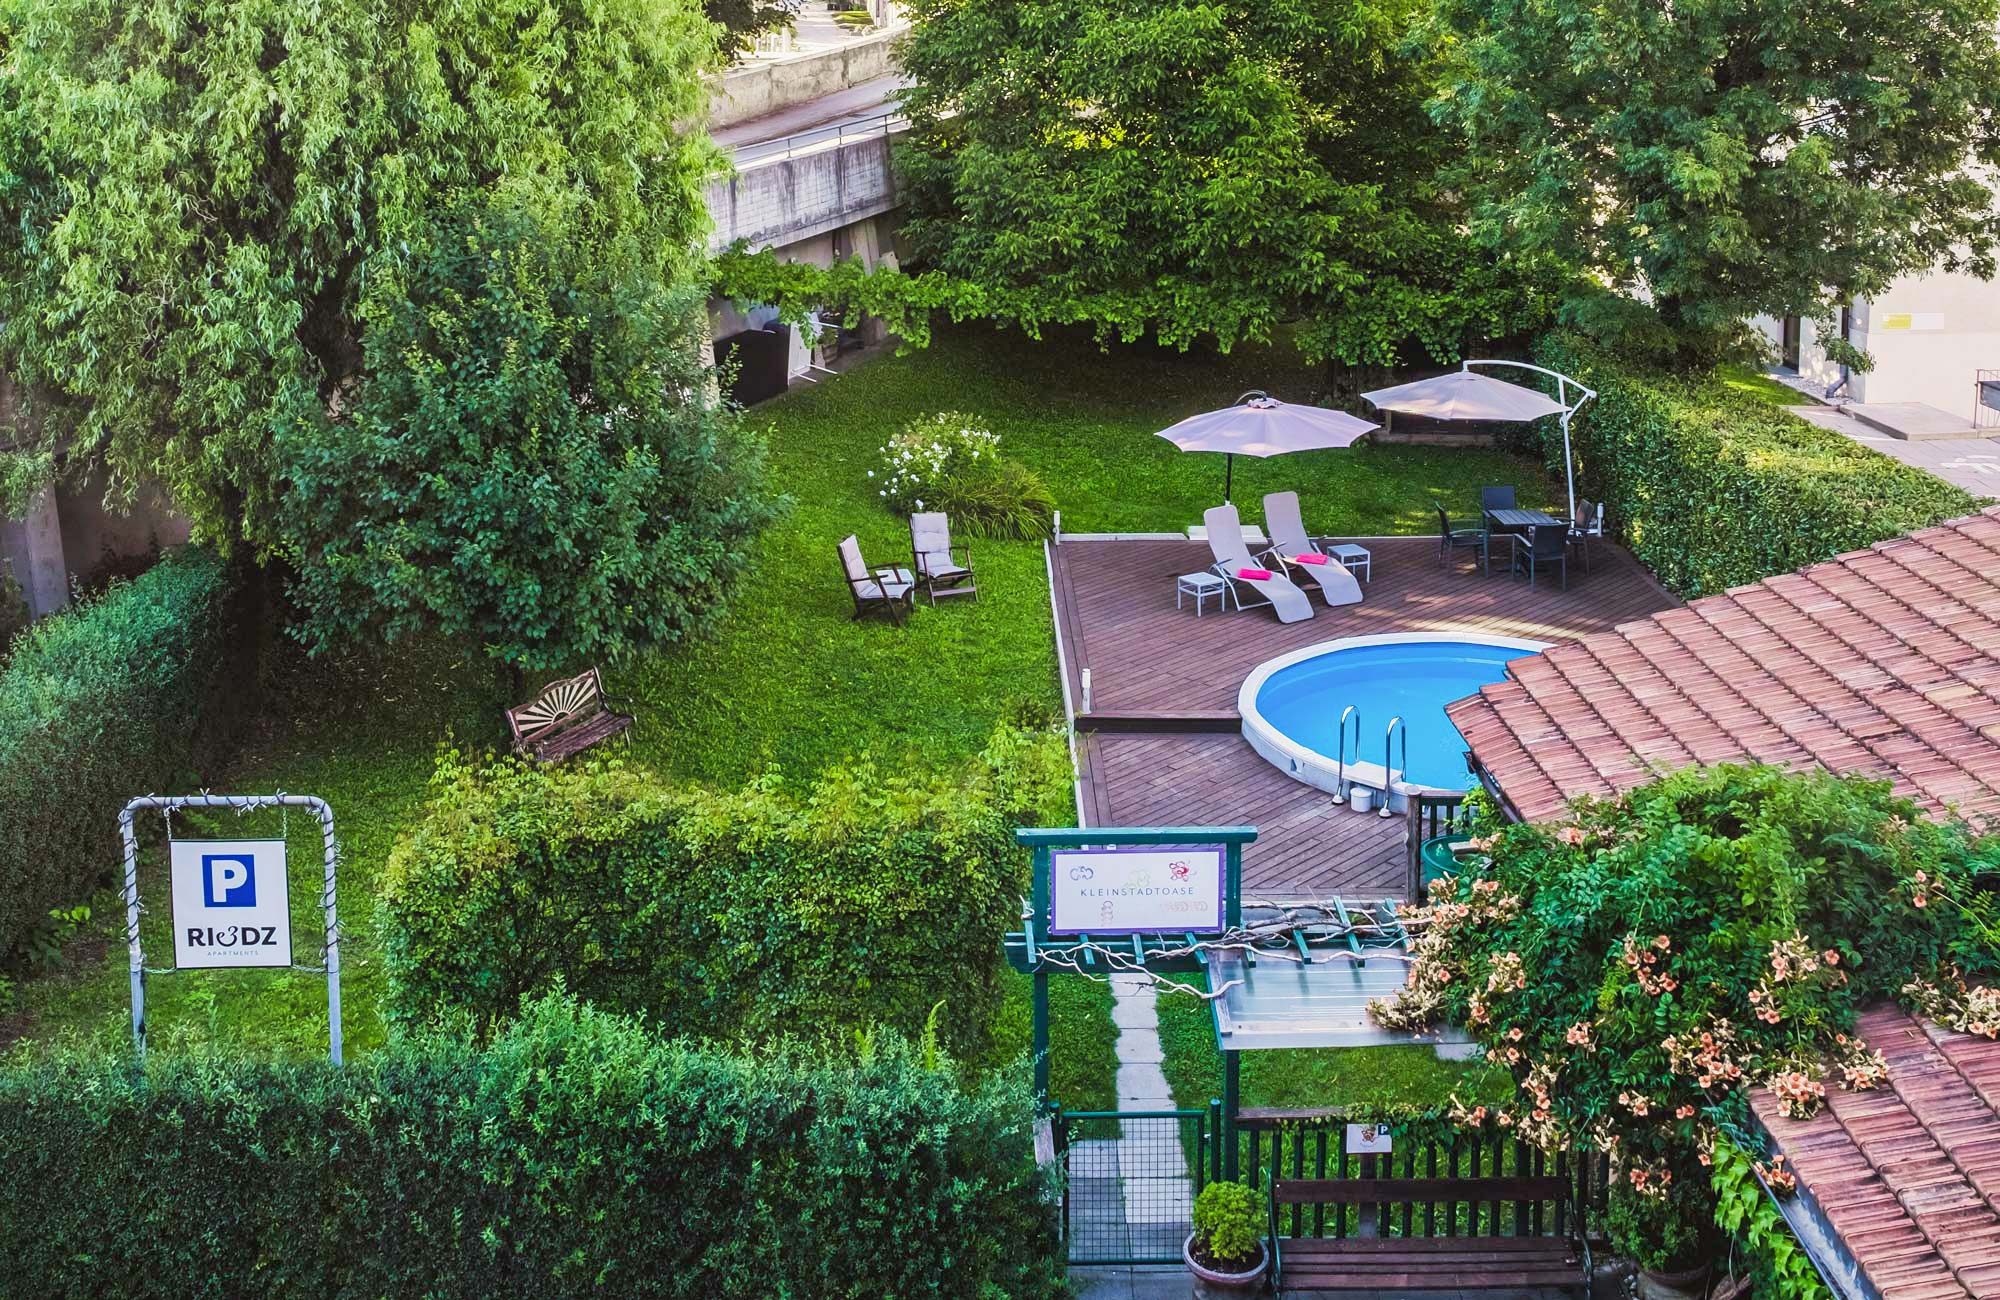 Garten und Pool im Riedz Apartments Innsbruck